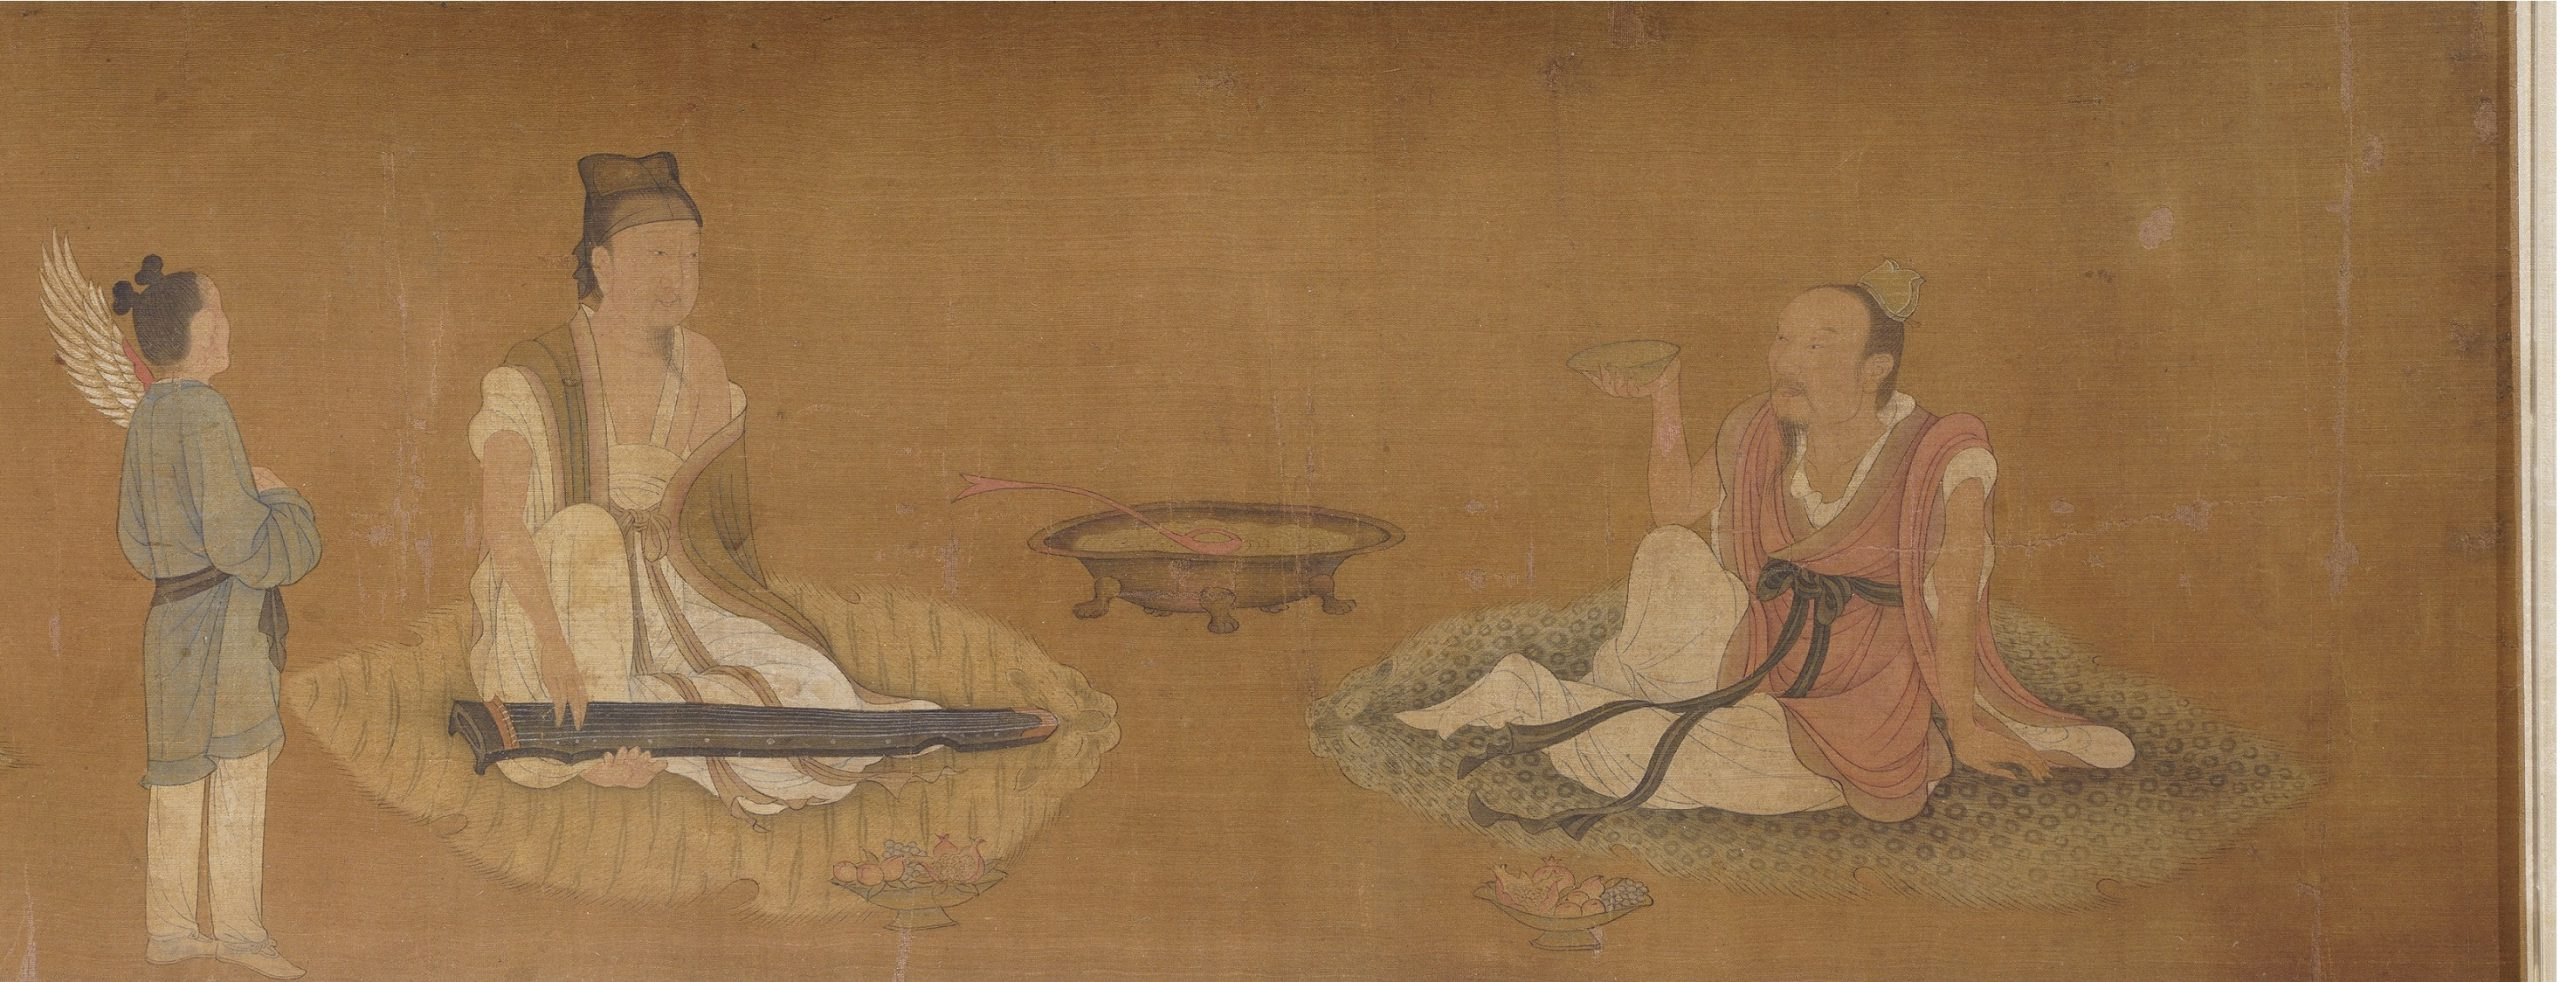 竹林七賢図-元時代-趙孟頫(伝)-遼寧省博物館-撮影:ZhangYan